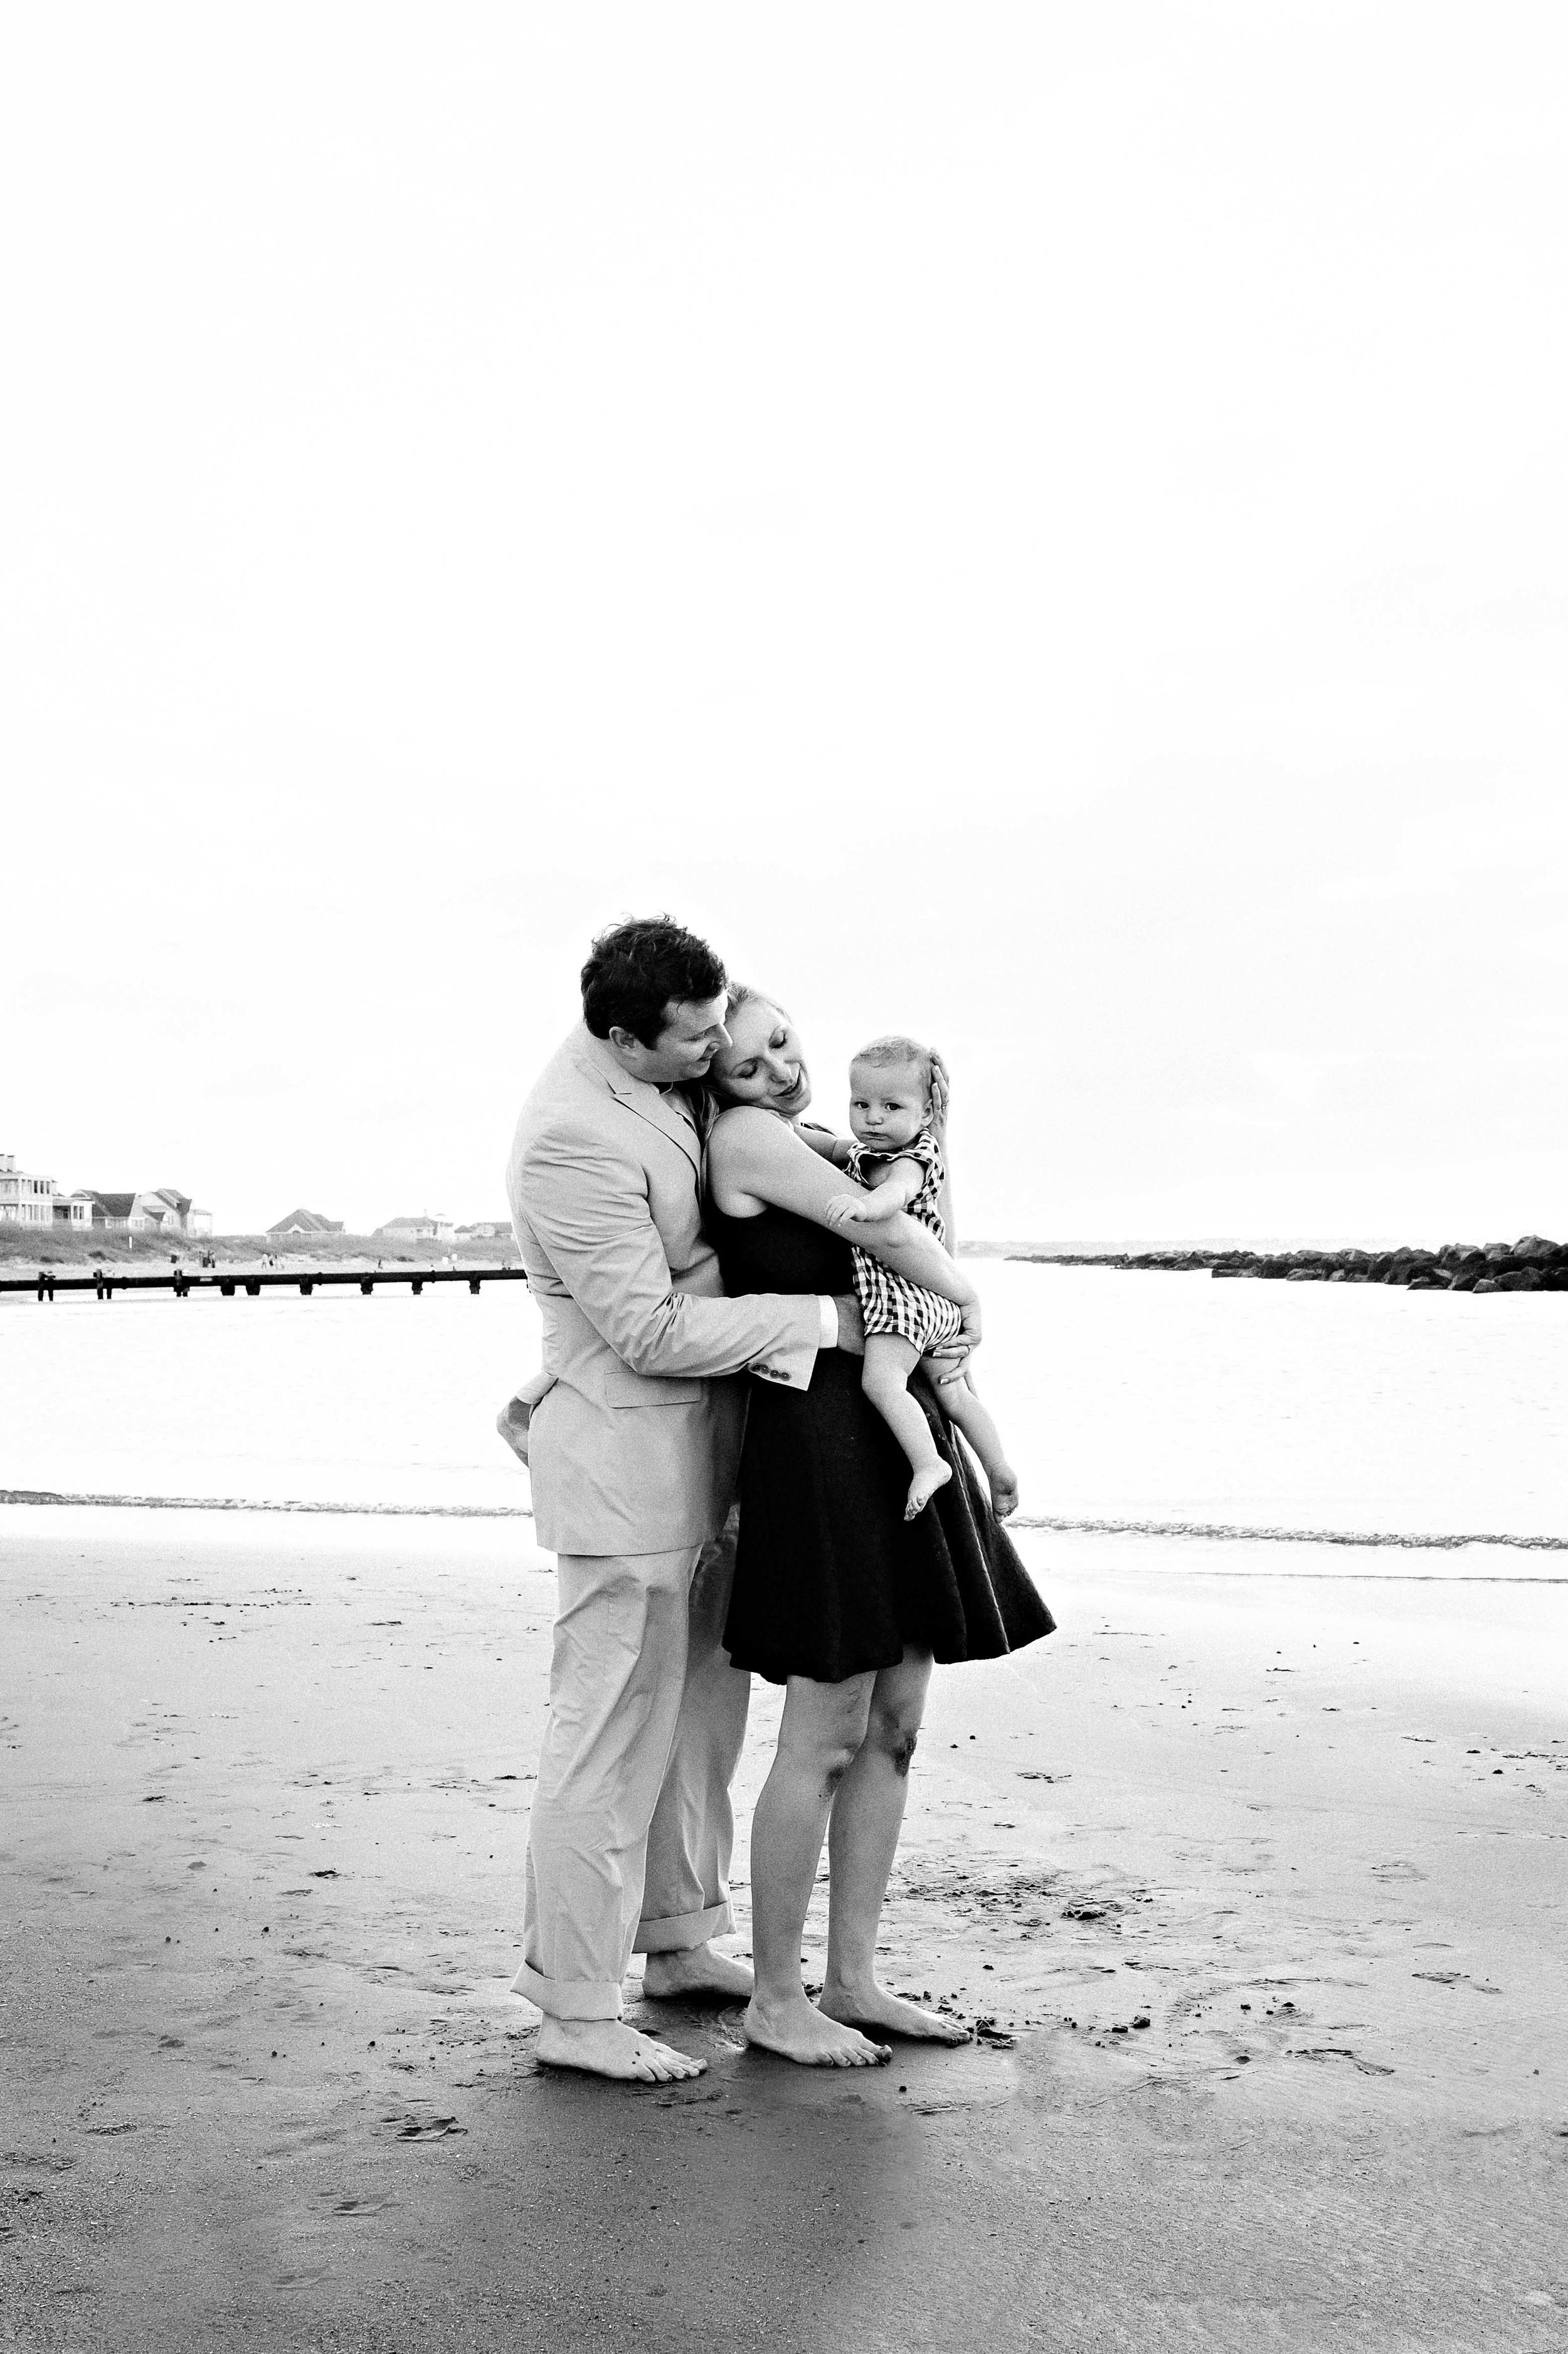 virginia-beach-sandbridge-photographer-family-beach-session-east-beach-norfolk-melissa-bliss-photography